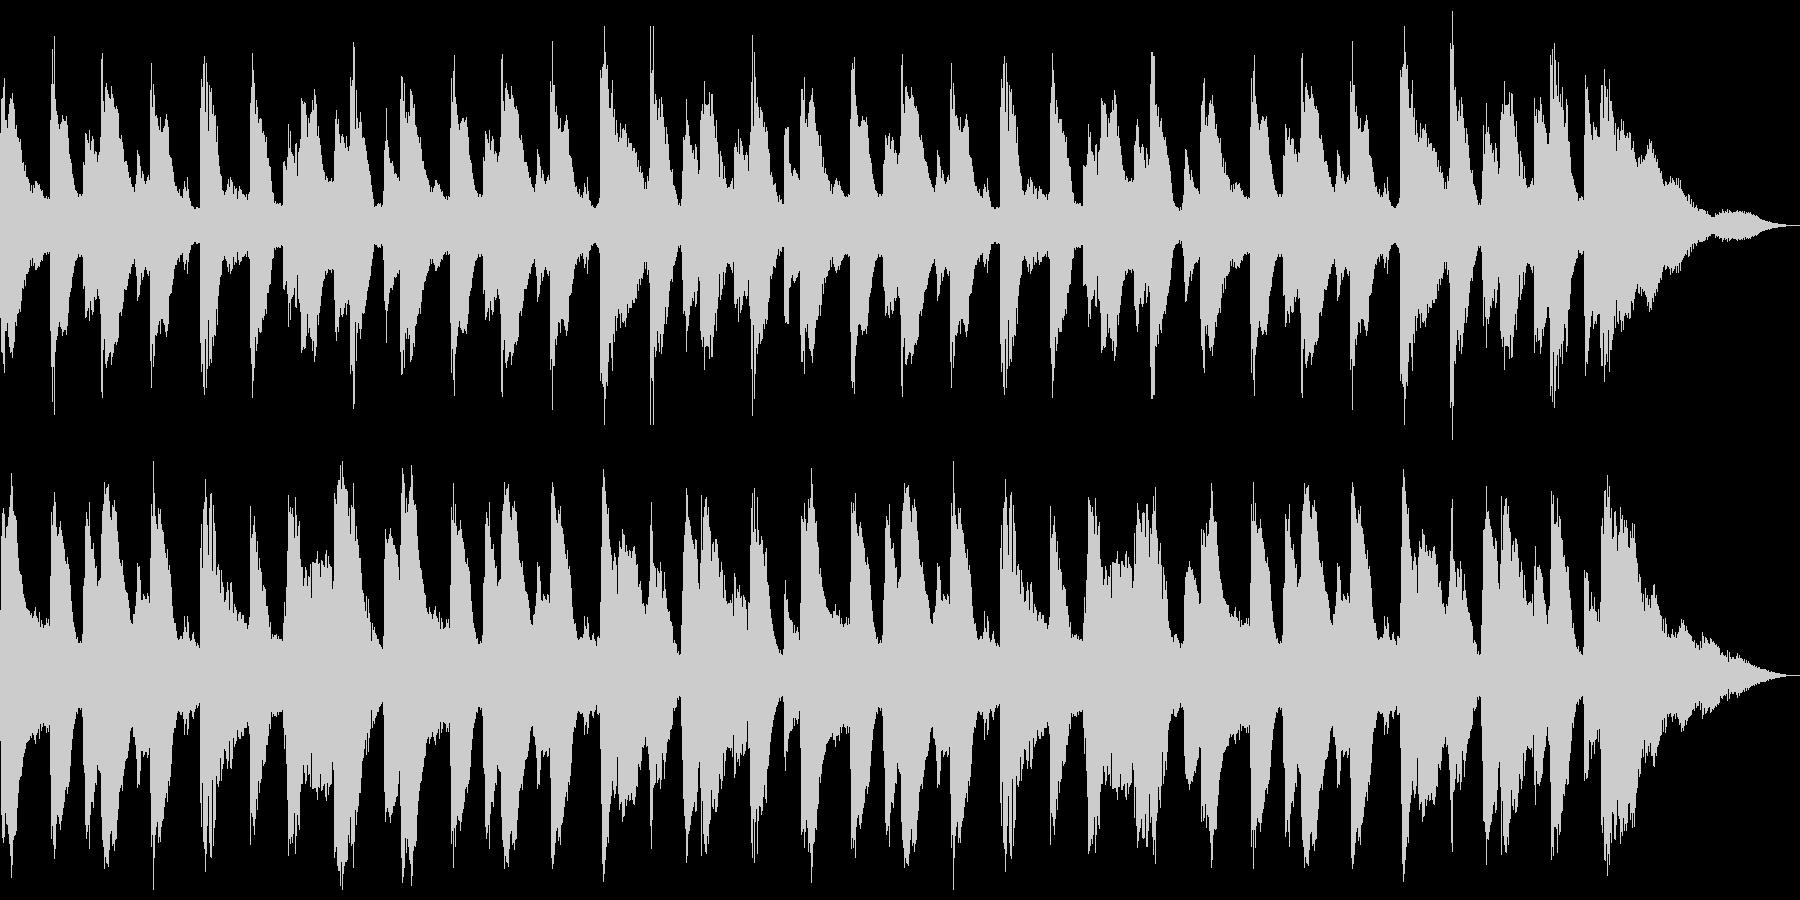 18秒 ほのぼのしたピアノとドラムの未再生の波形